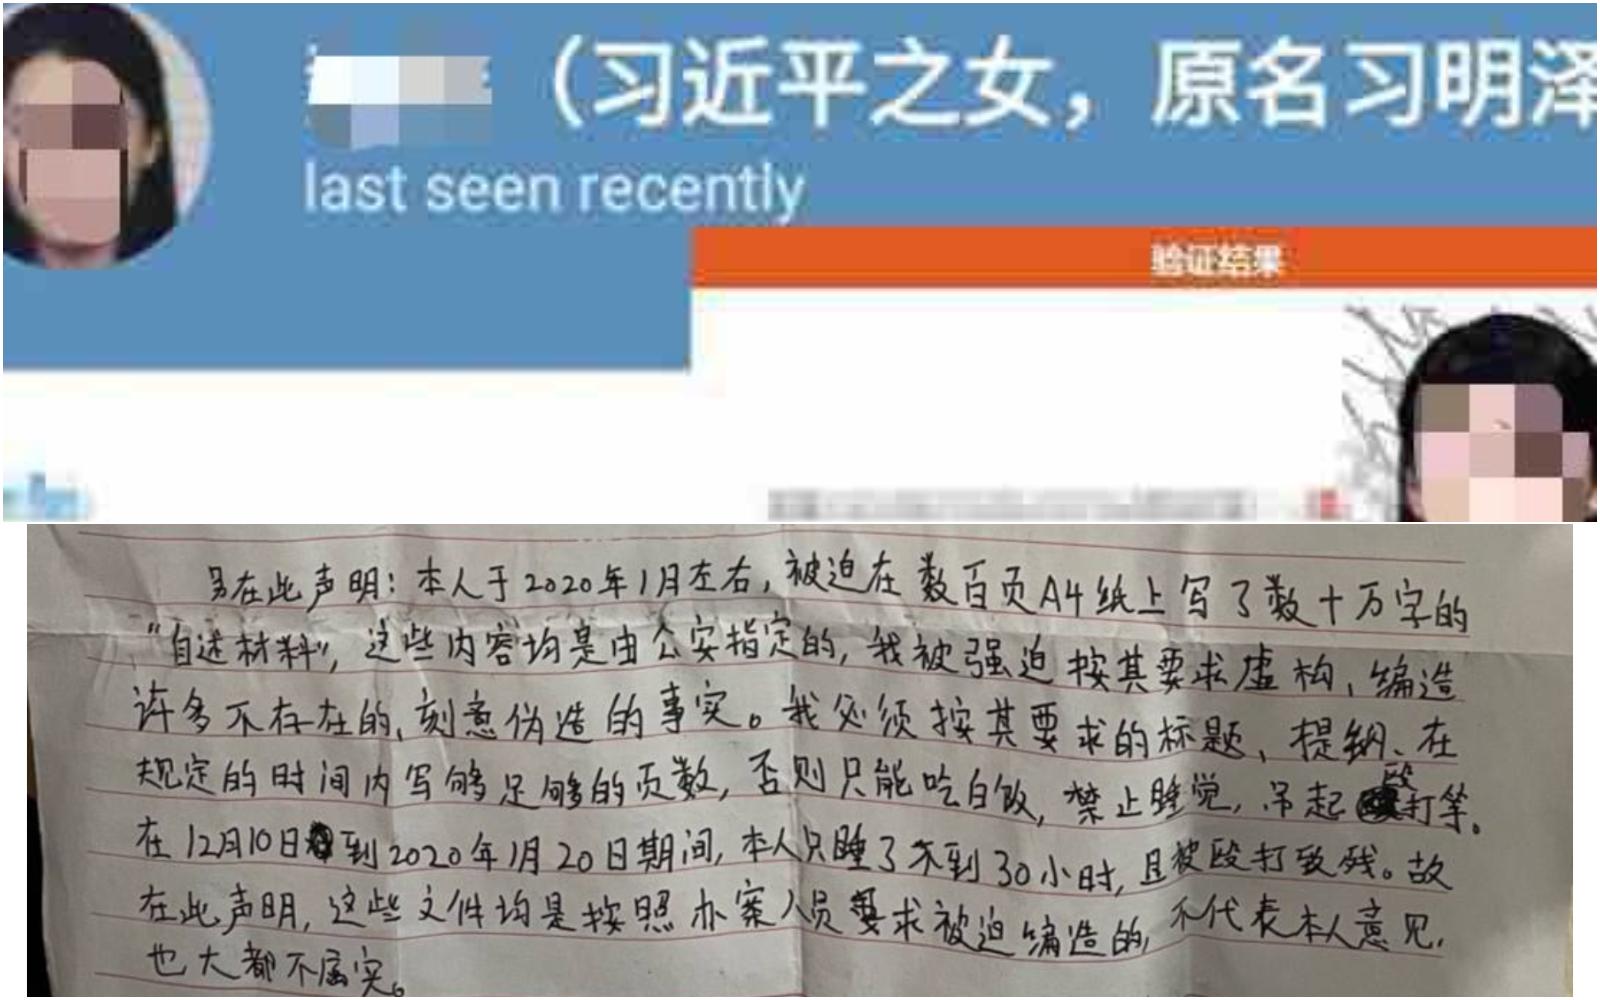 中共黨魁習近平及女兒個人資料在網絡被曝光後,一群惡俗維基的年輕人被抓捕、虐待、重判。下圖為牛騰宇聲明,被刑訊逼供的材料不屬實。(大紀元合成)